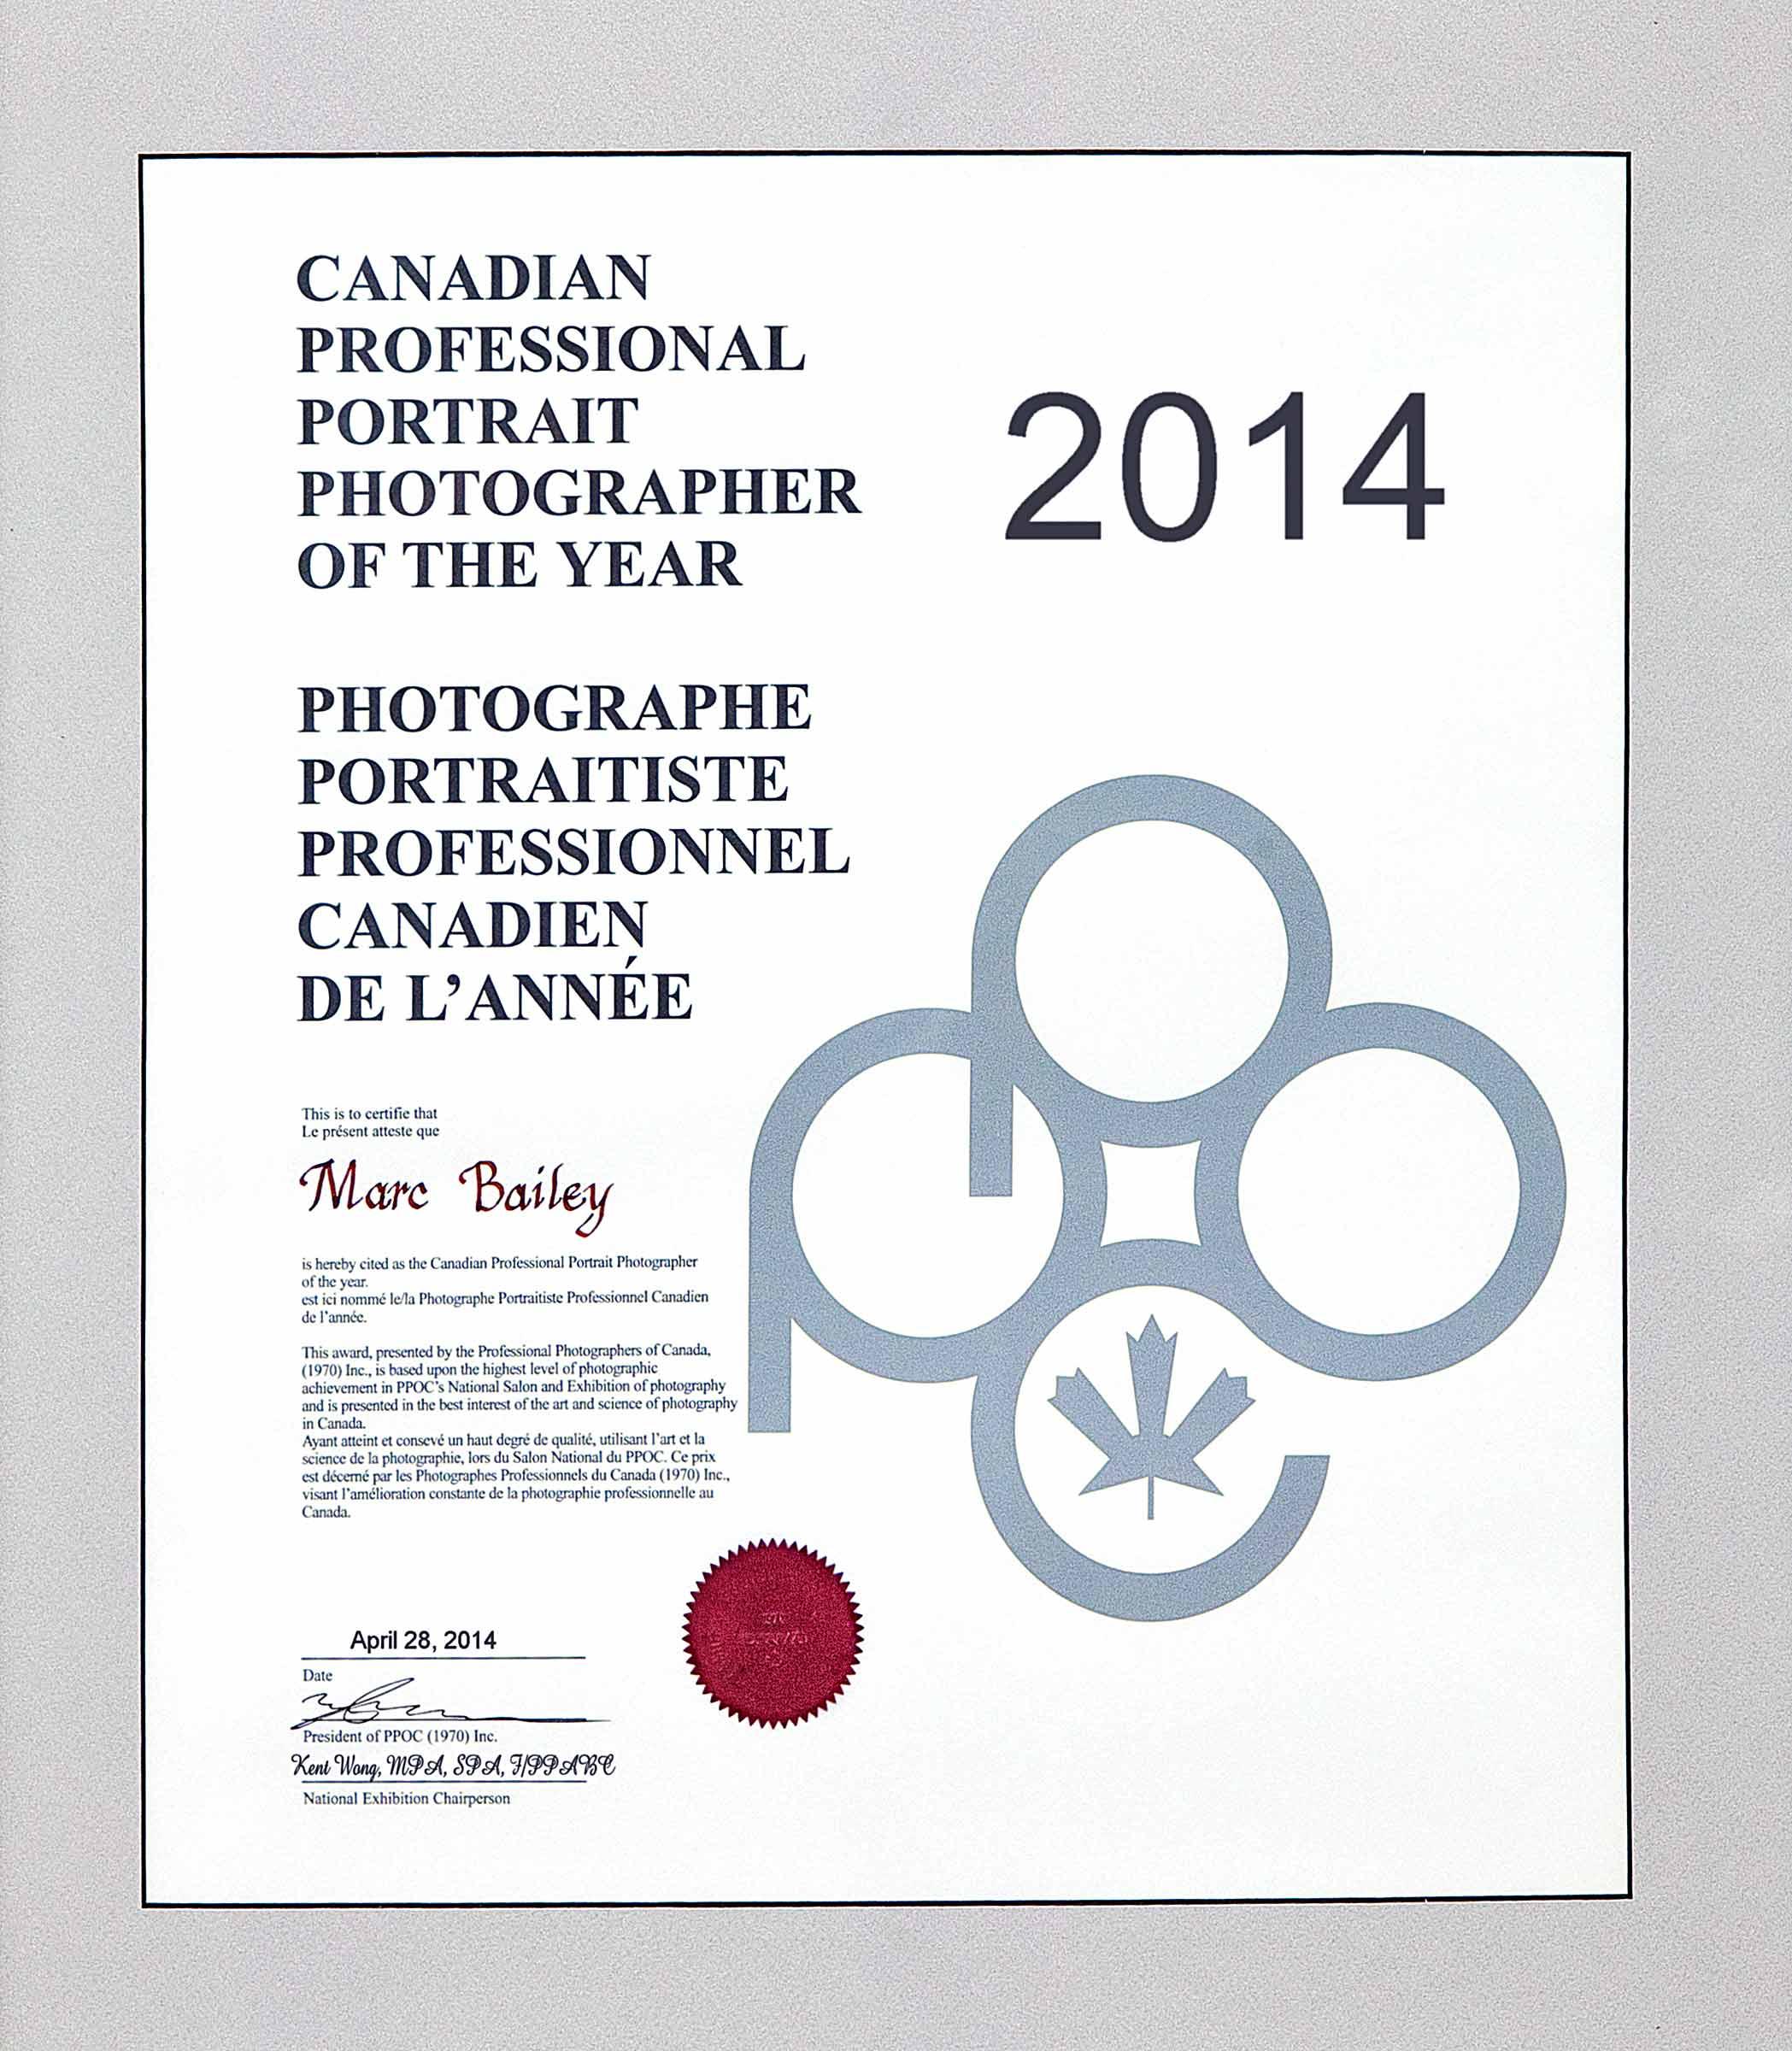 photographe de l'année 2014 Canada